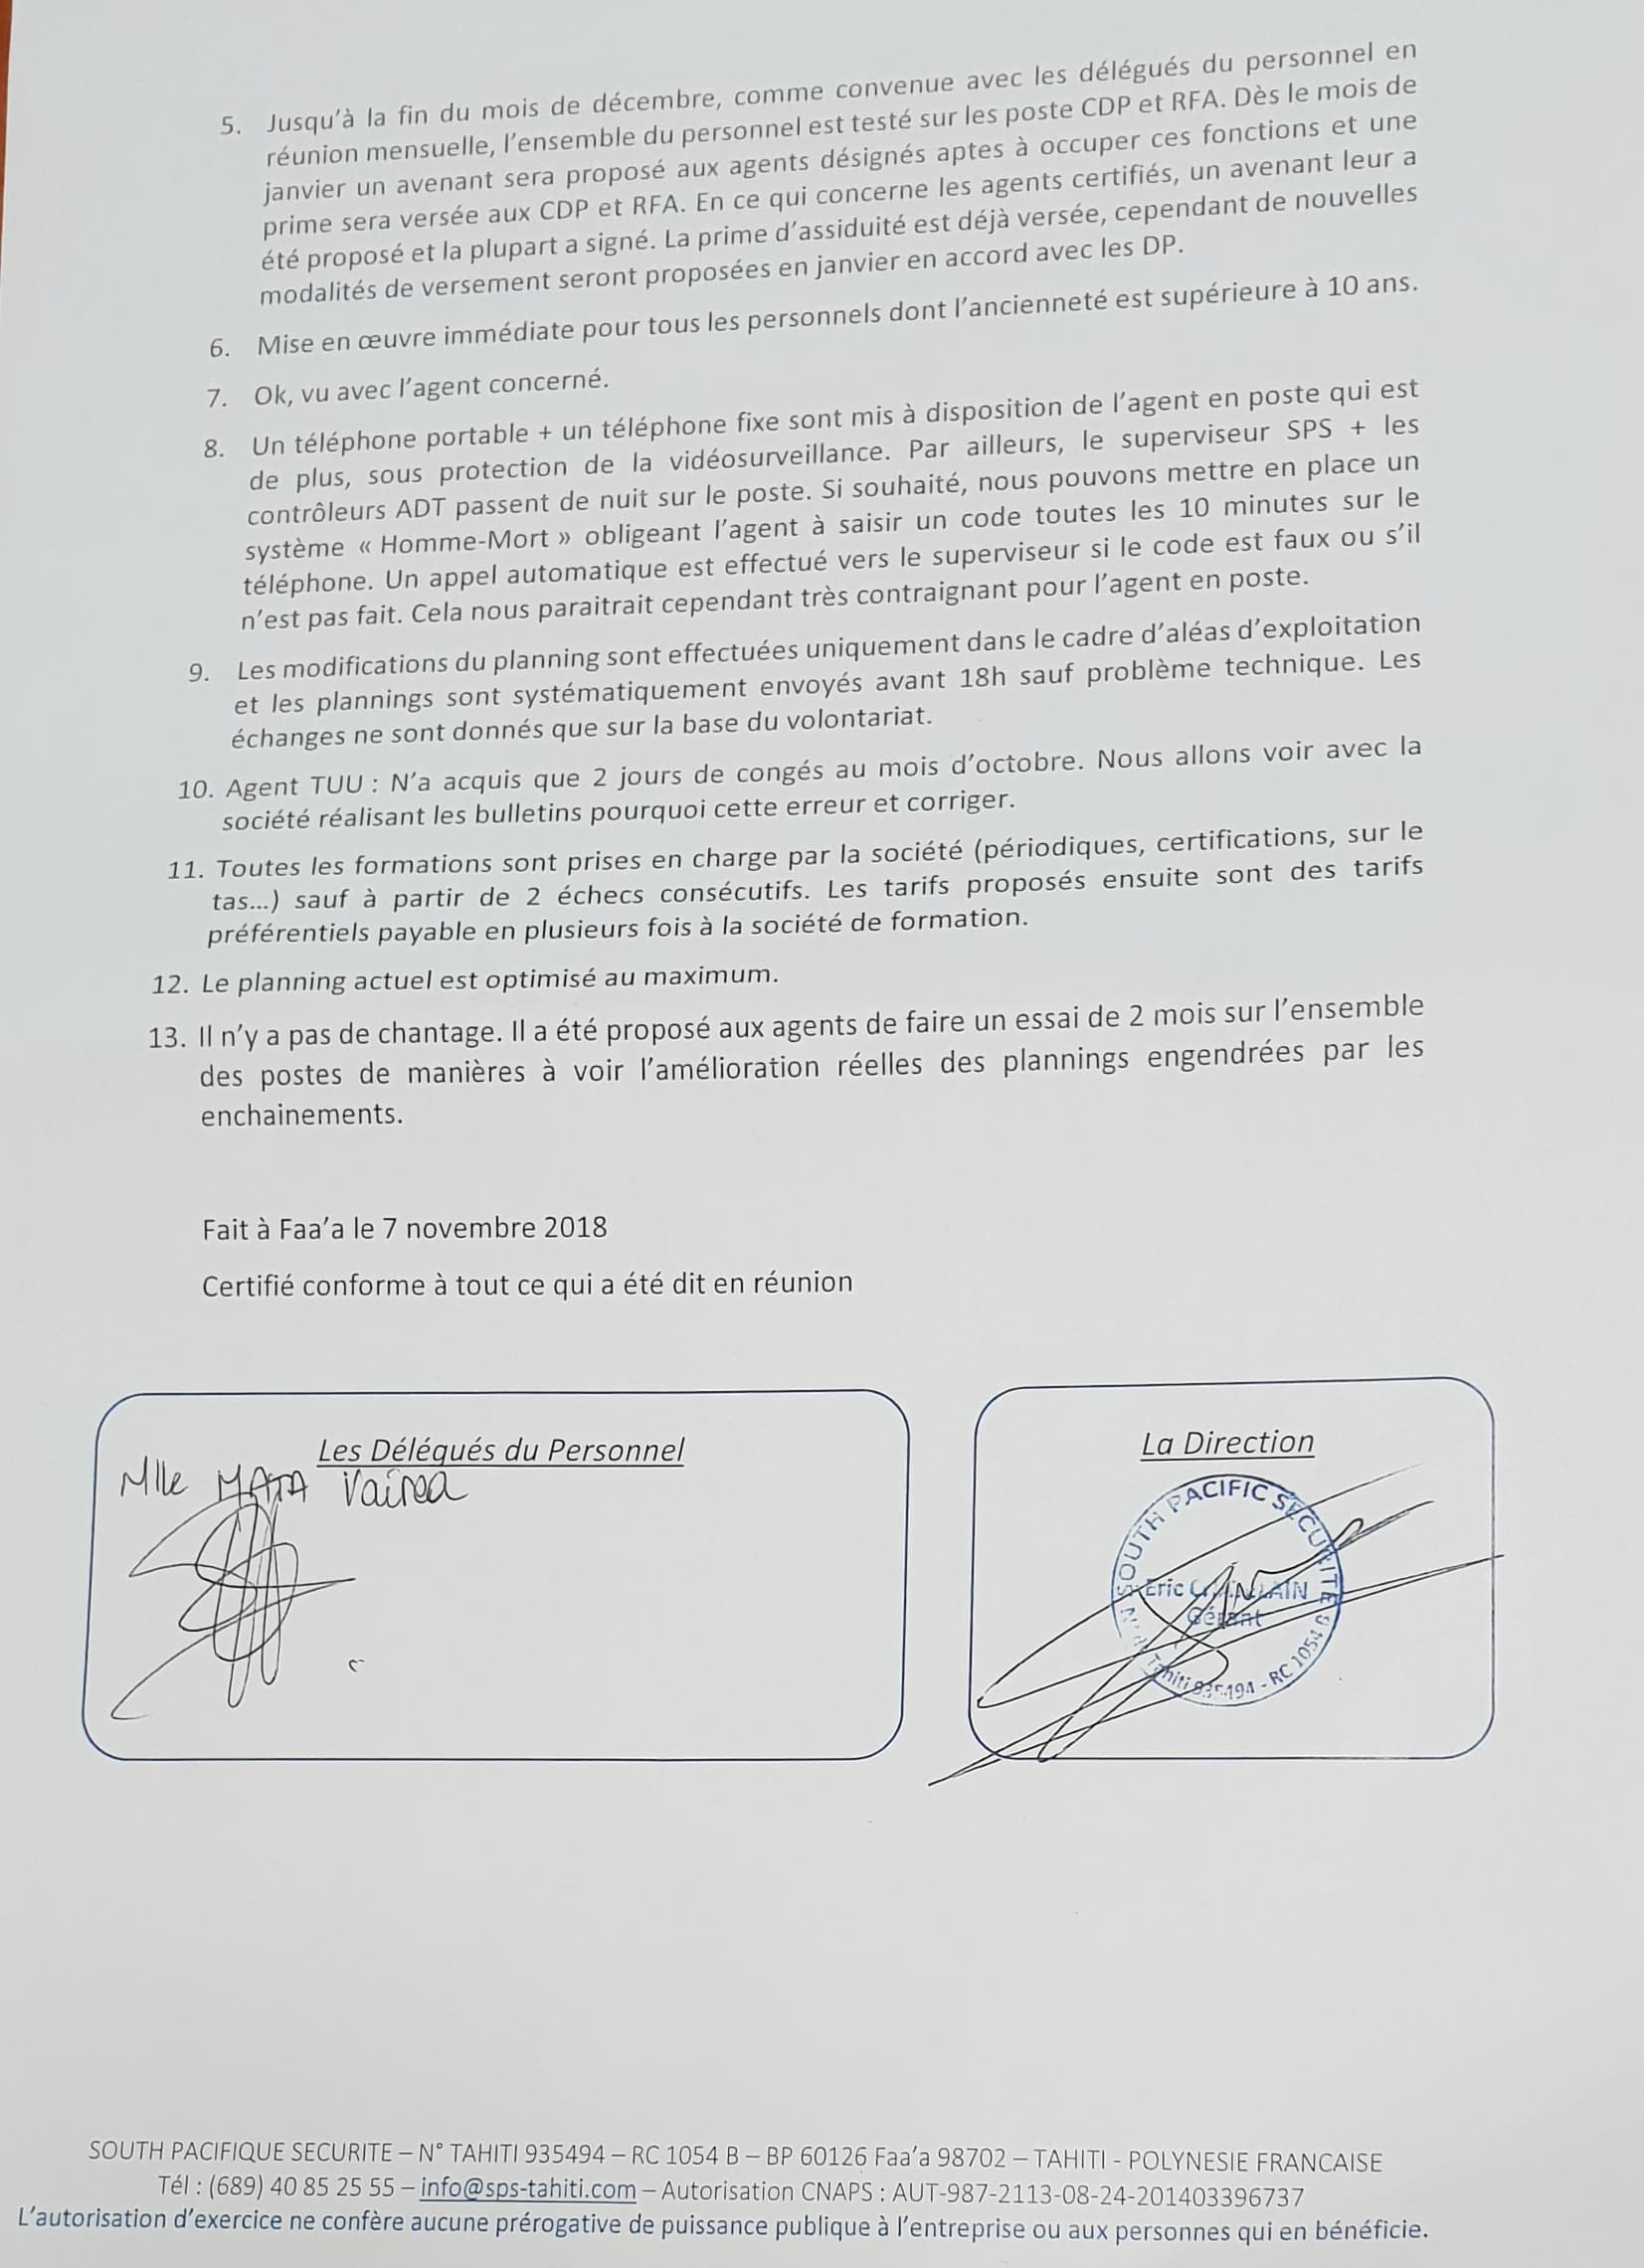 Proposition faite par la direction de SPS - page 2